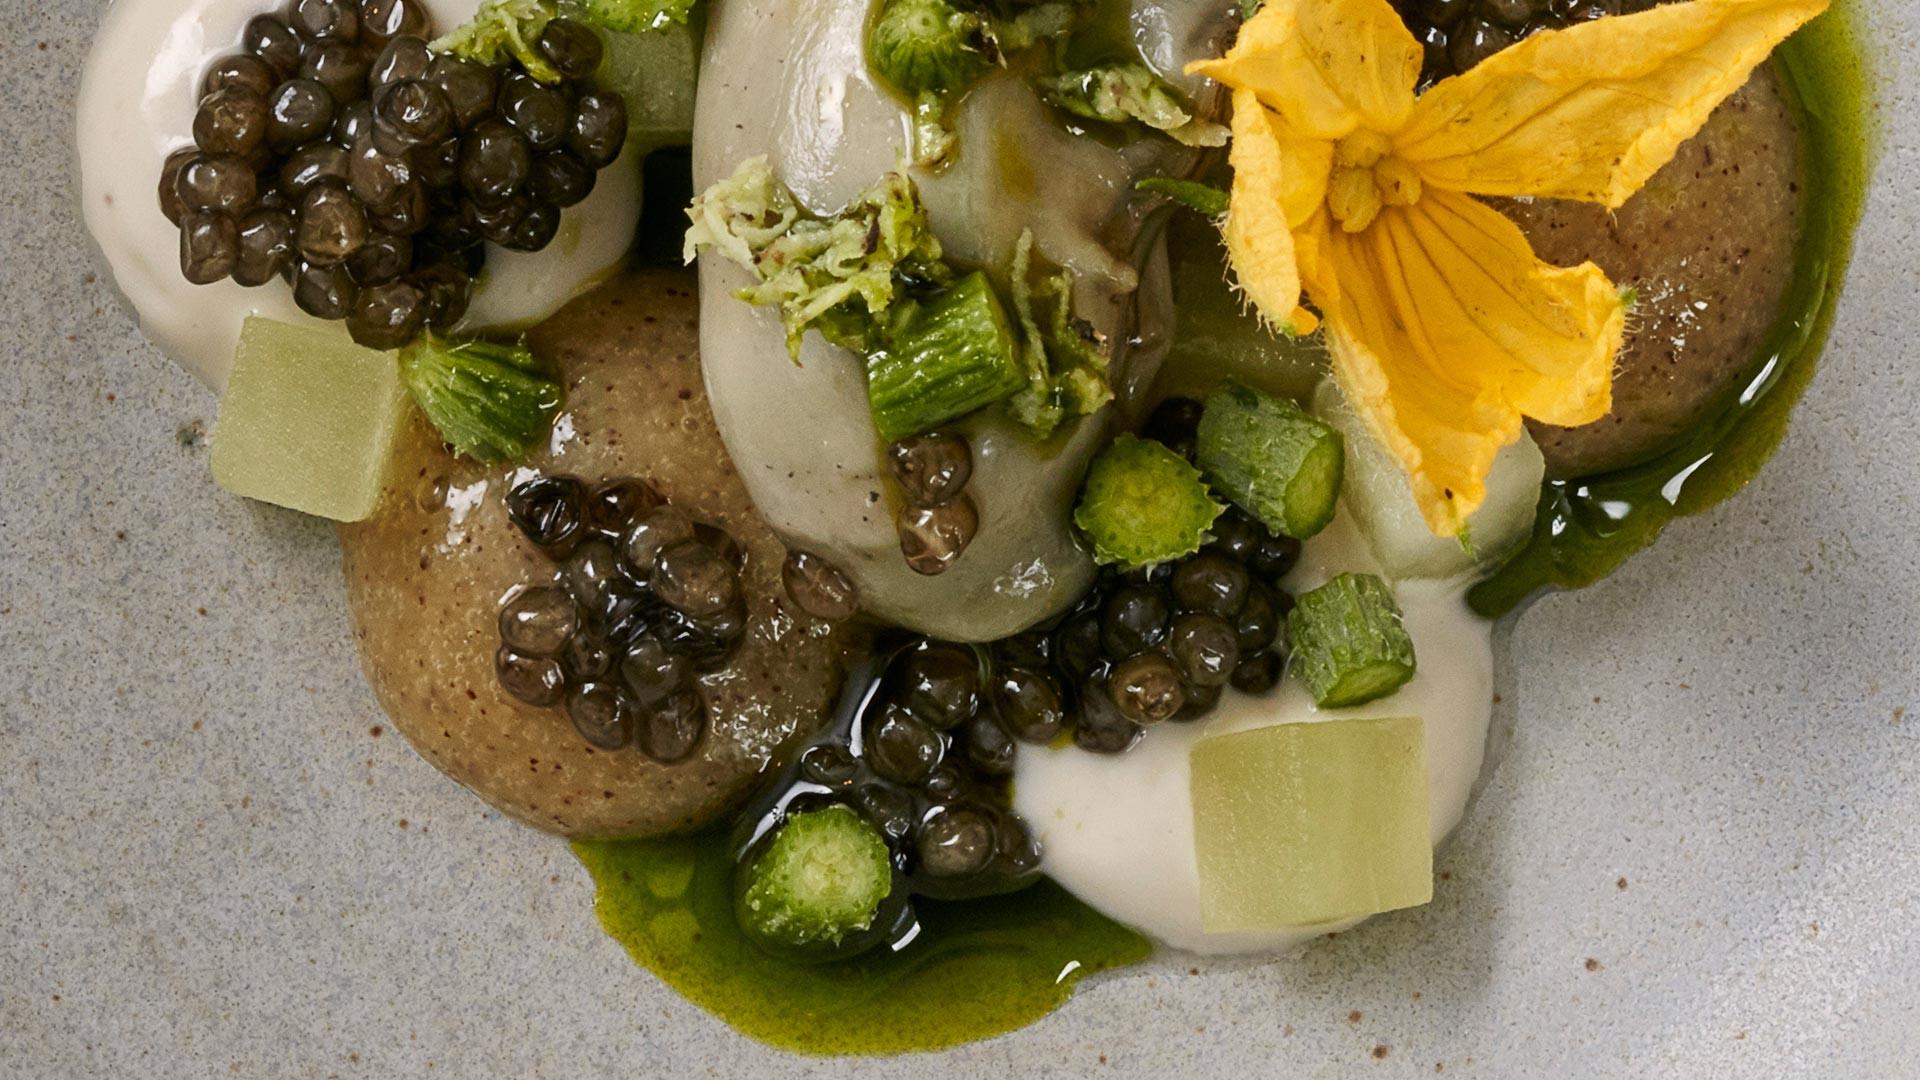 Rock oyster, oscietra caviar, cucumber and kiwi